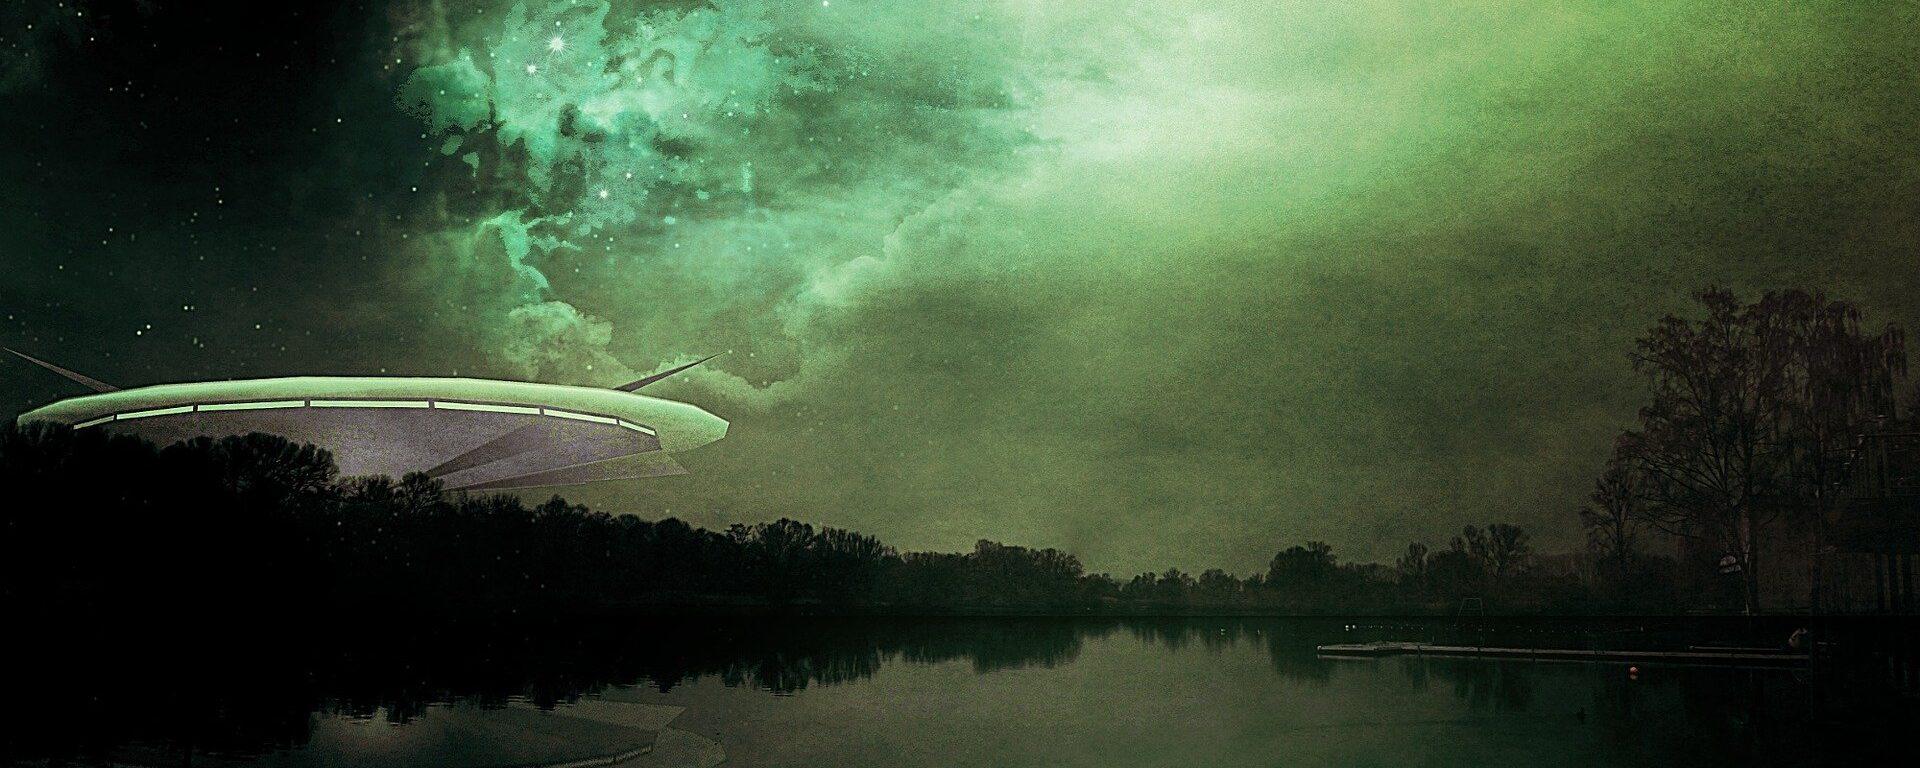 ¿Cuándo se comenzó a investigar el fenómeno OVNI en EE.UU?